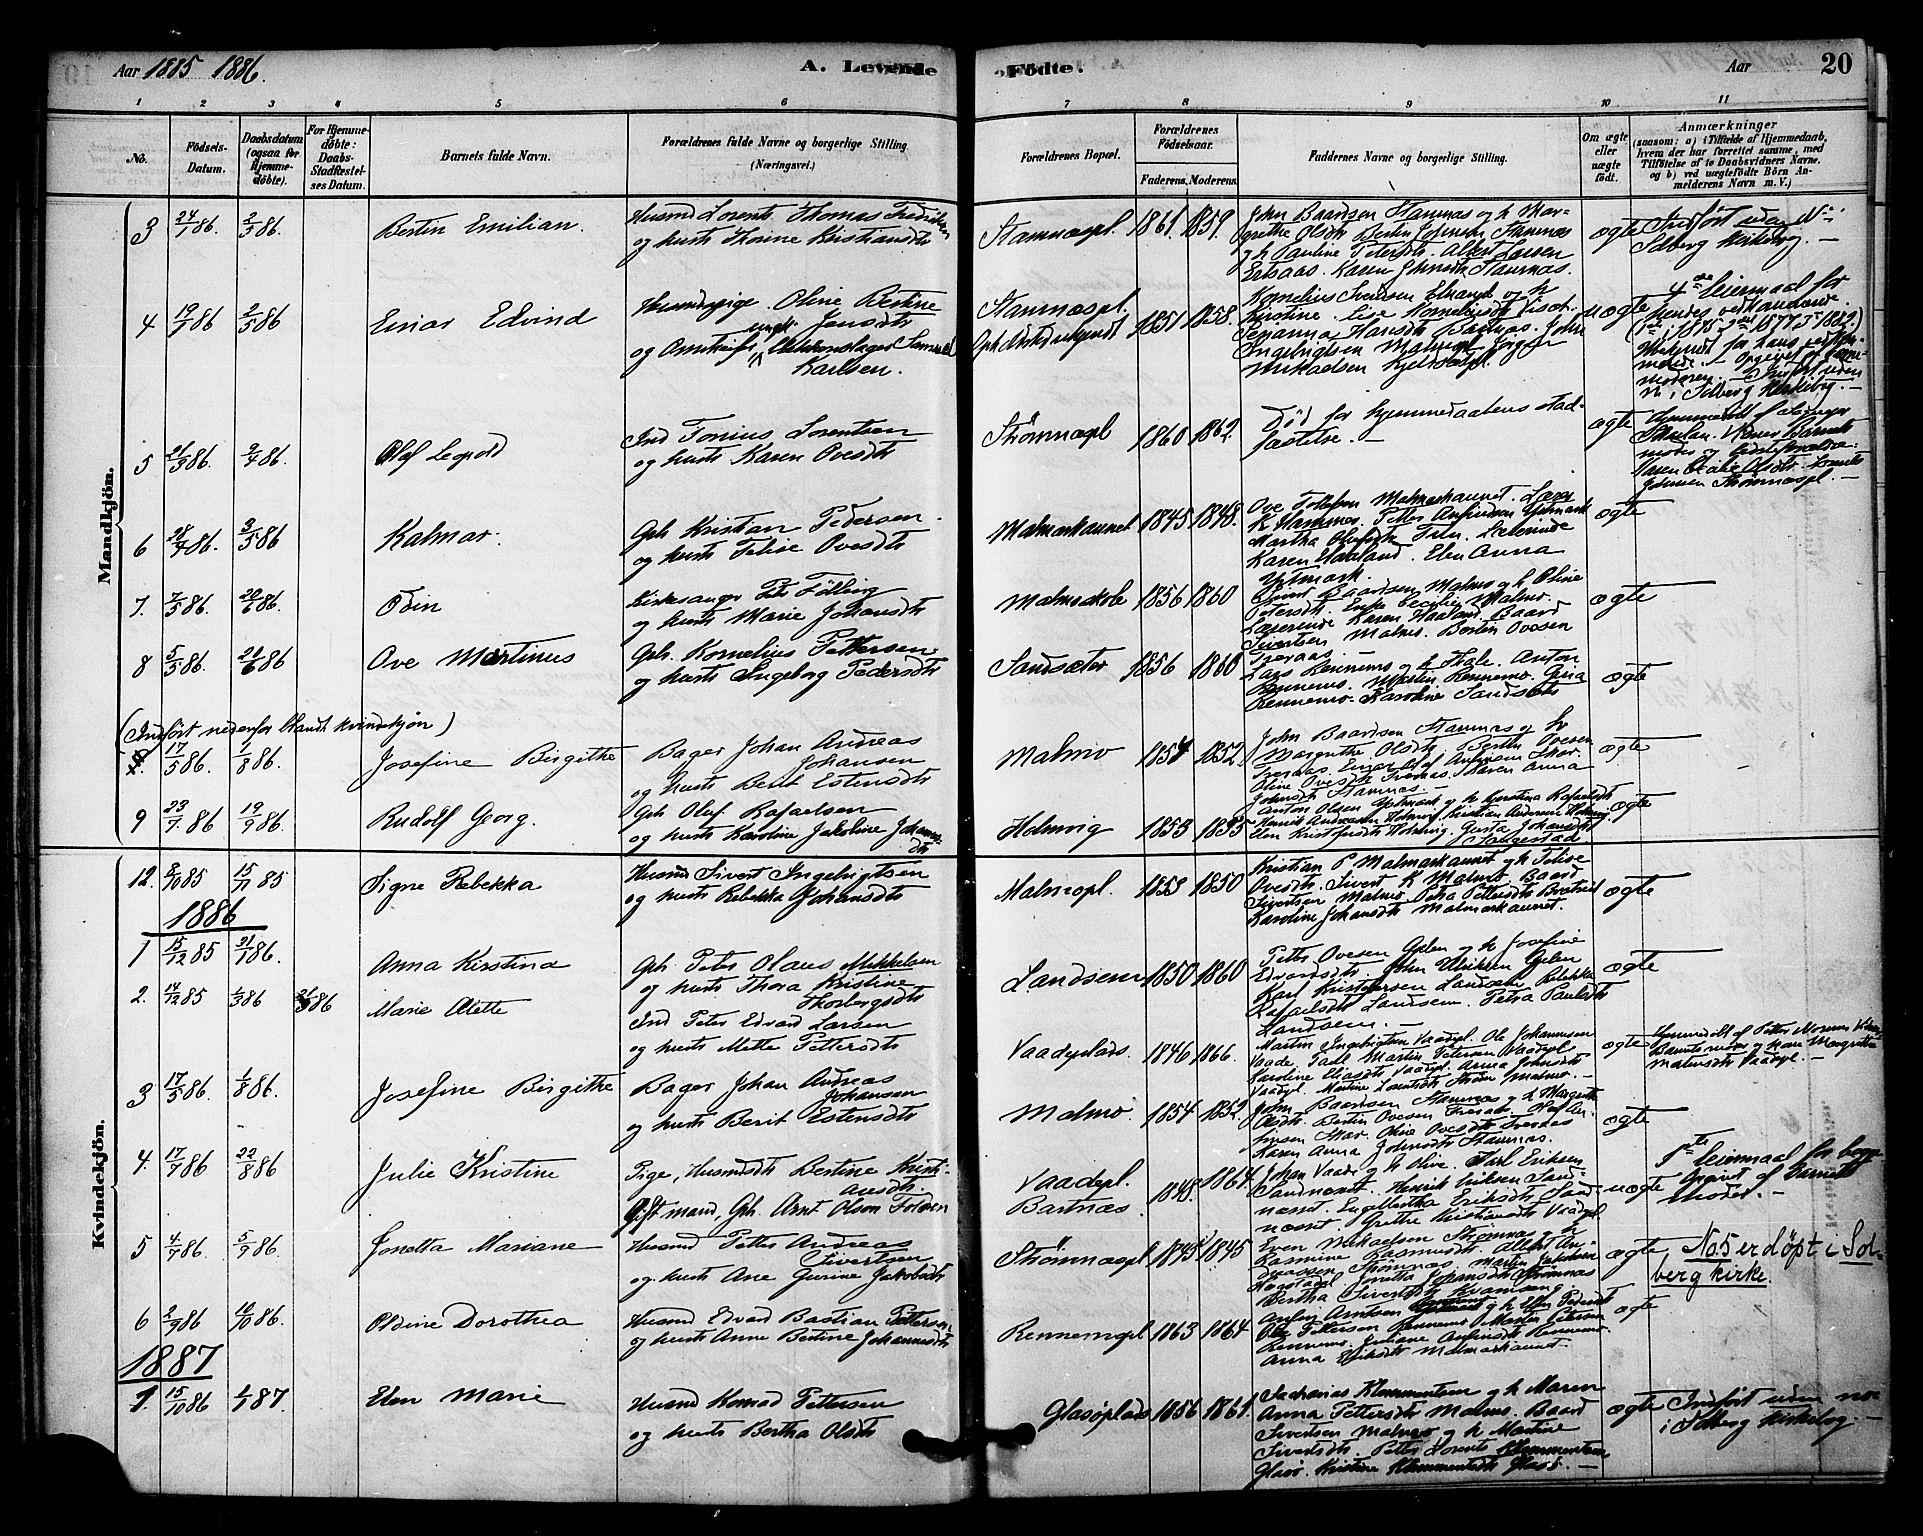 SAT, Ministerialprotokoller, klokkerbøker og fødselsregistre - Nord-Trøndelag, 745/L0429: Ministerialbok nr. 745A01, 1878-1894, s. 20